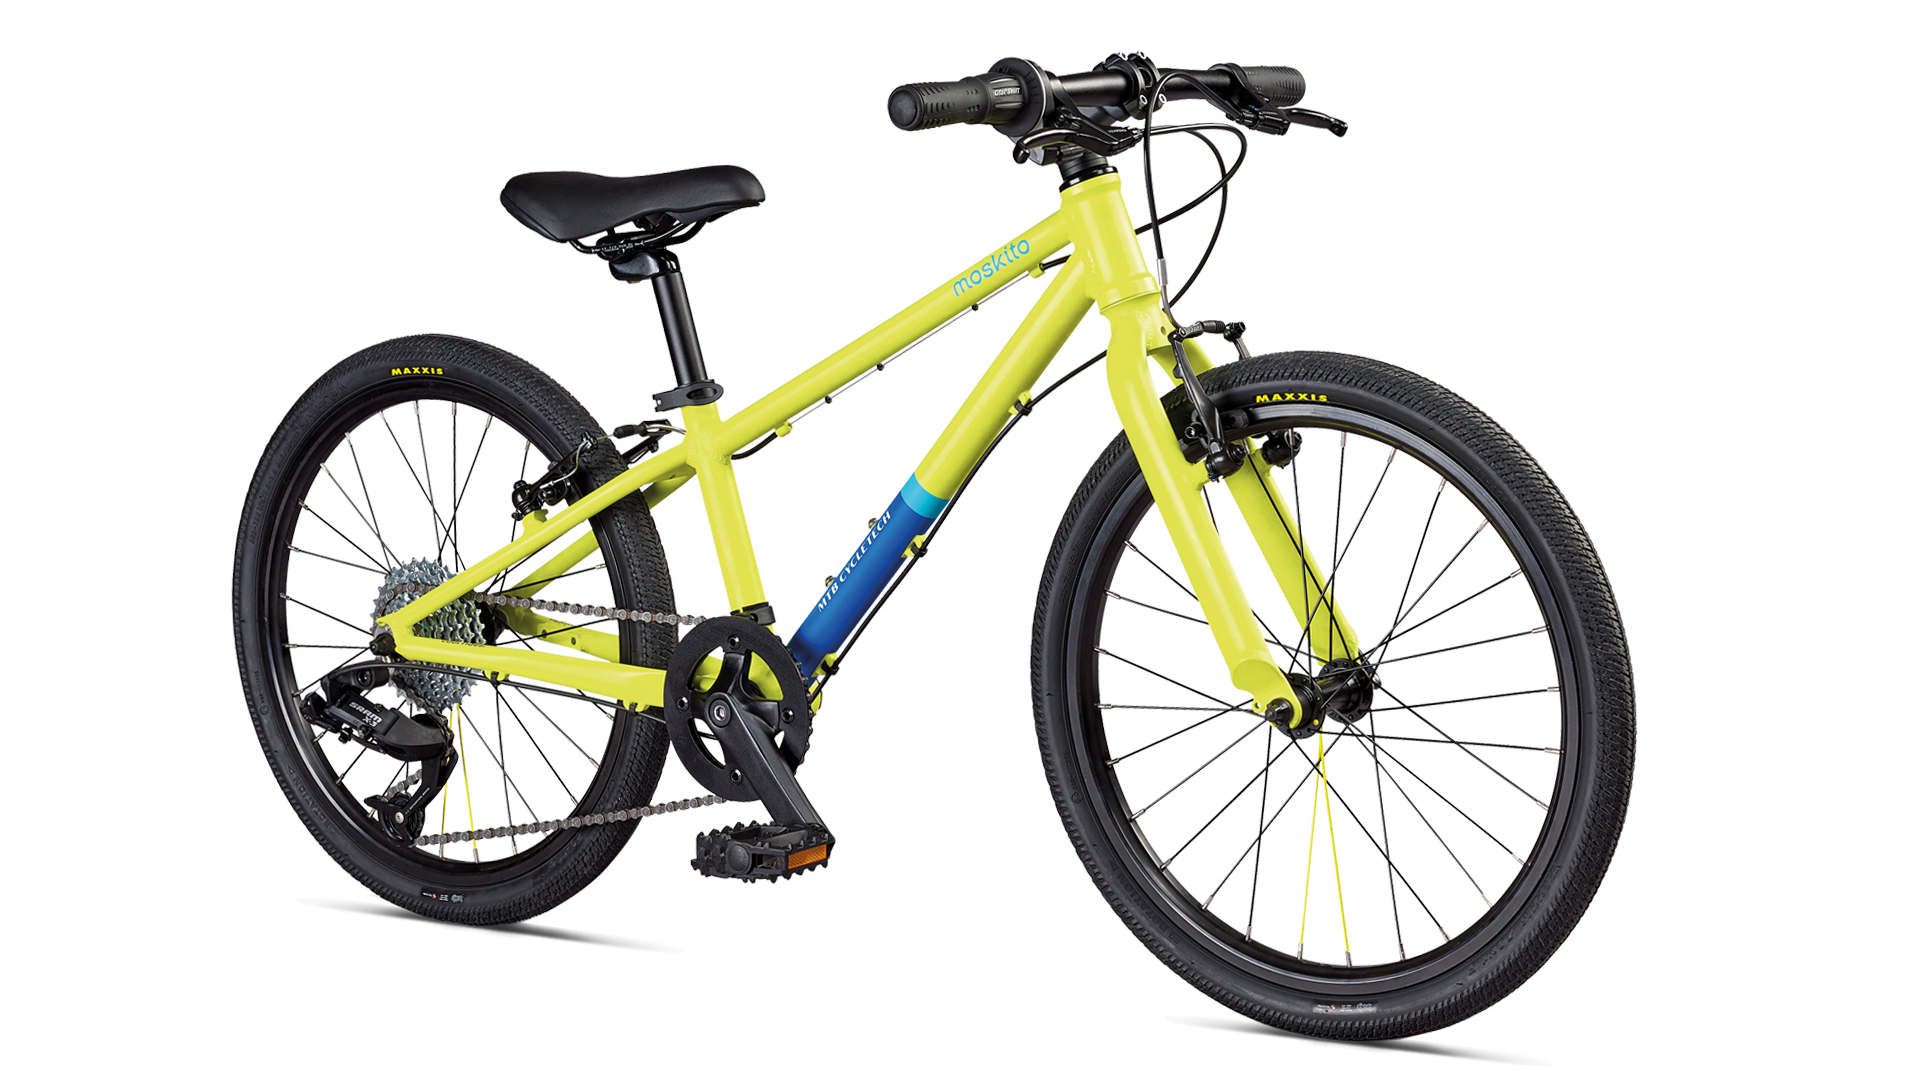 Modell - Moskito - MTB Cycletech